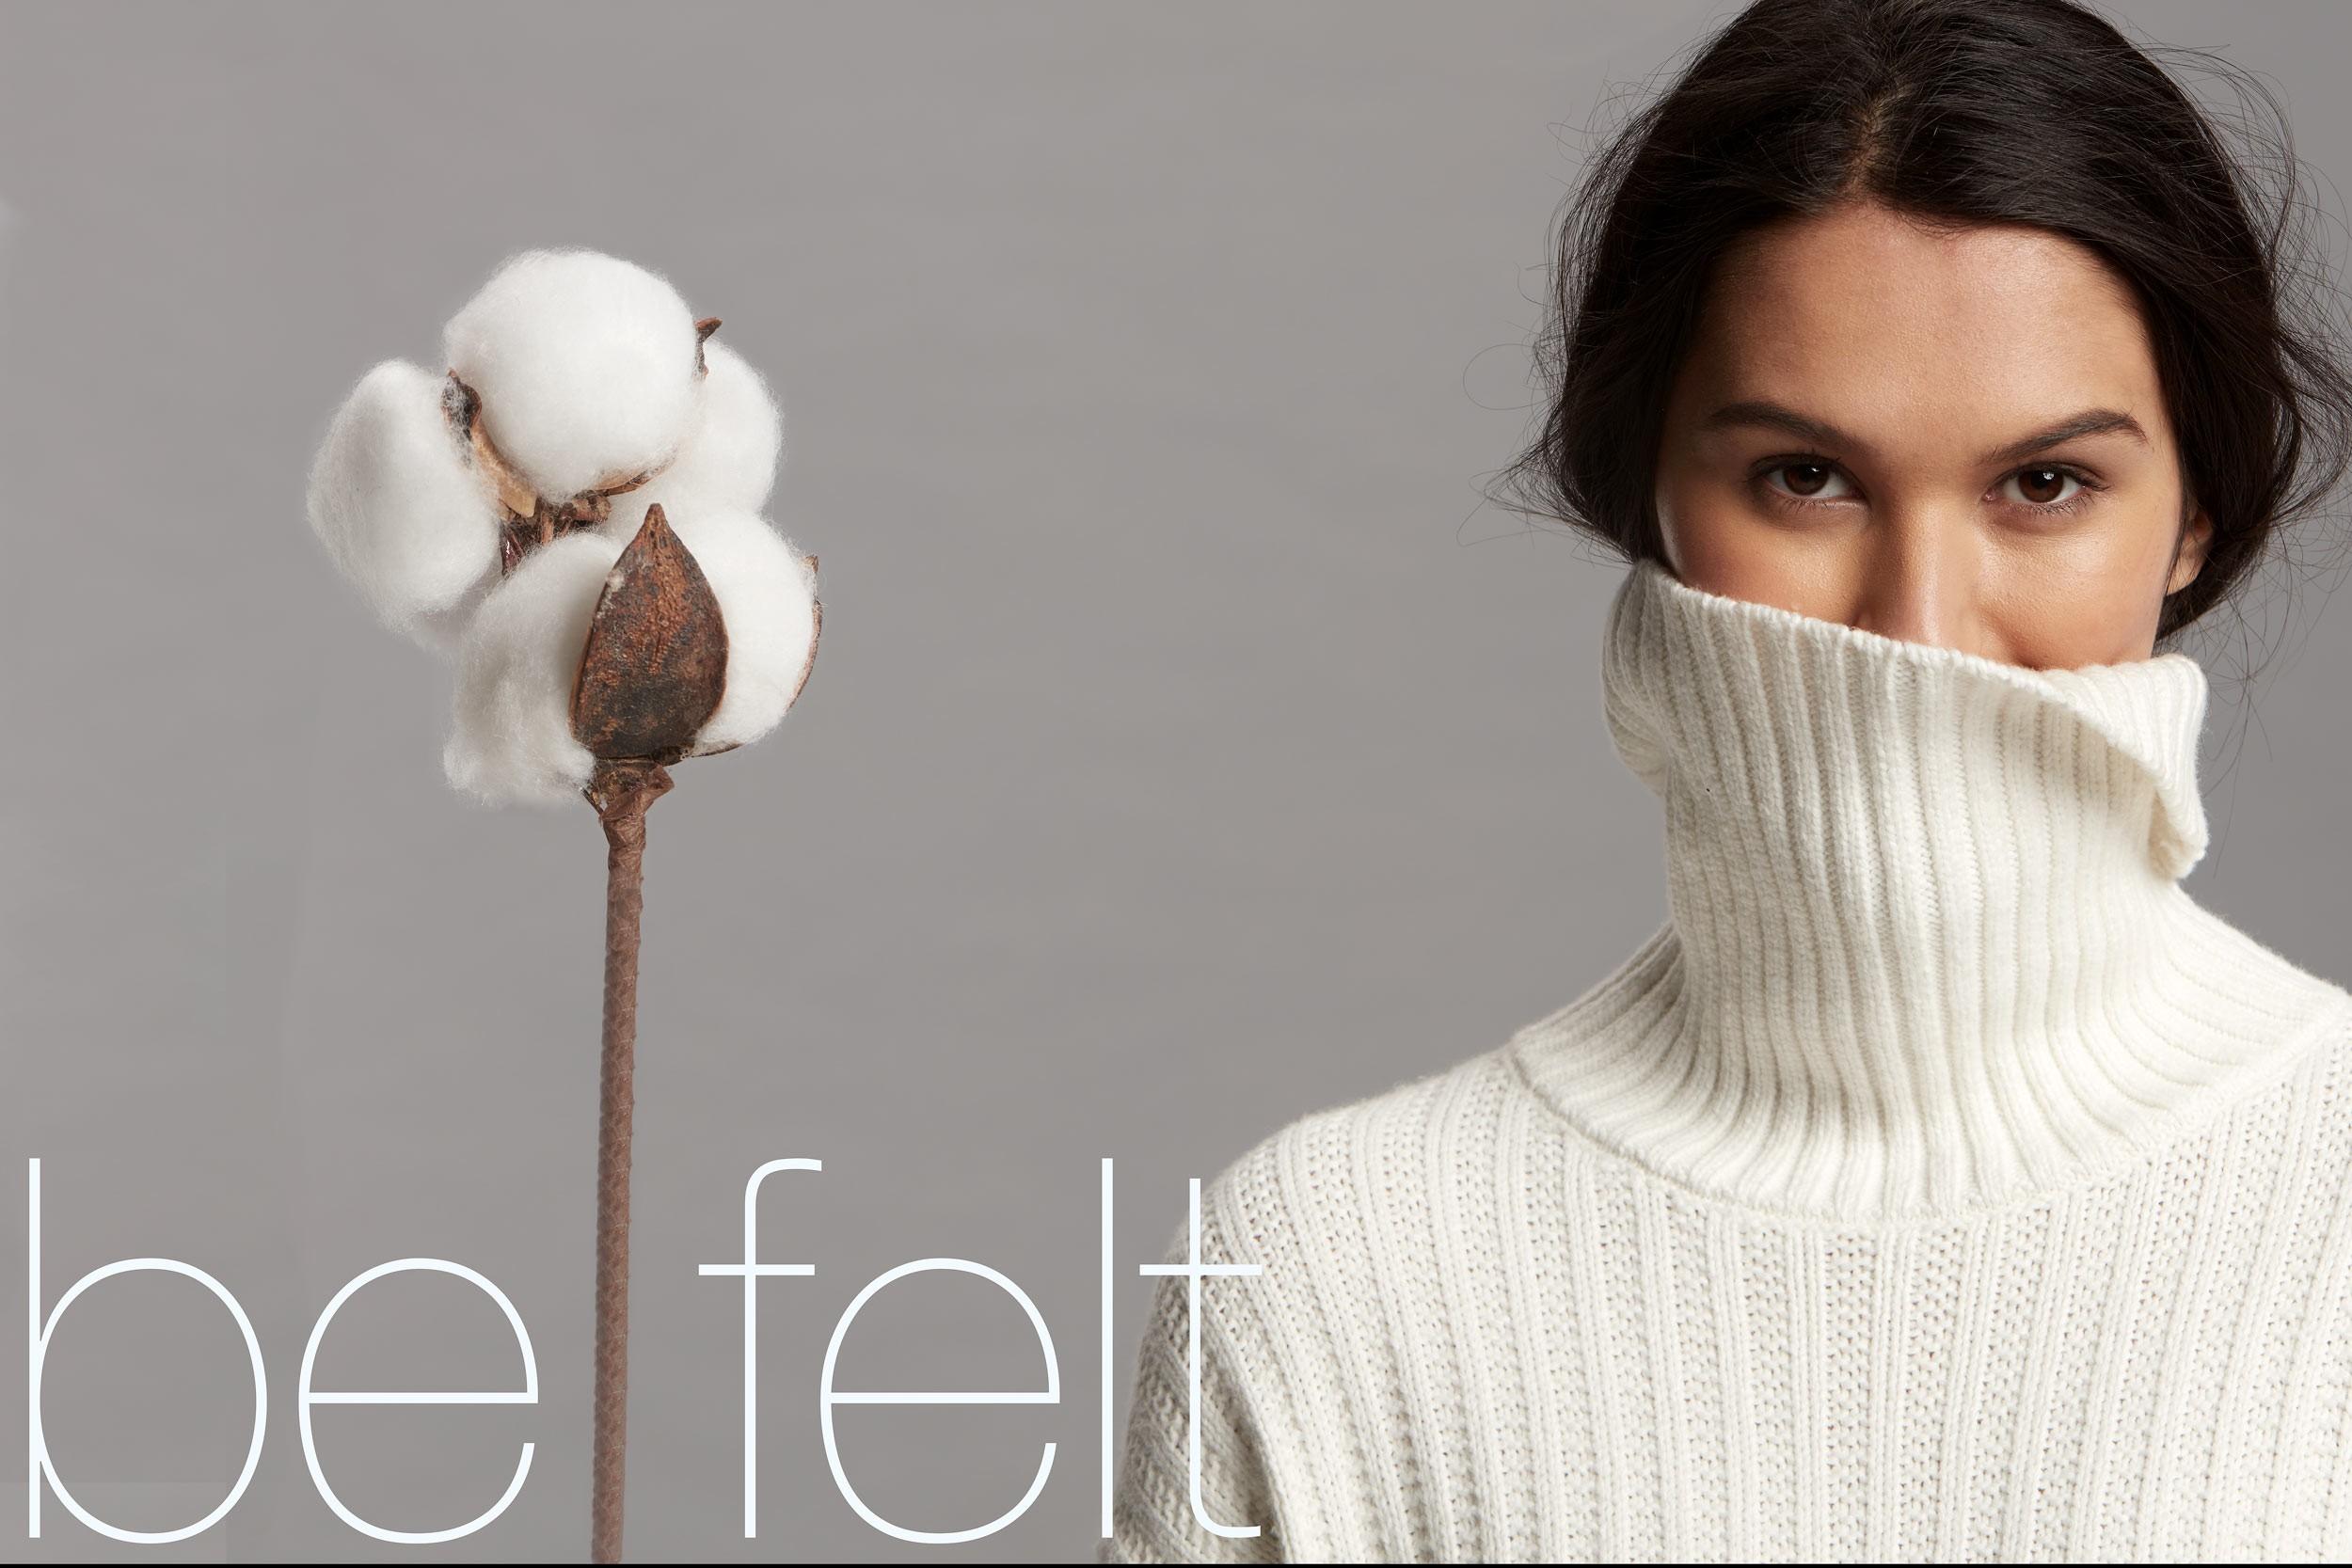 sweater-story--4621P05C.jpg